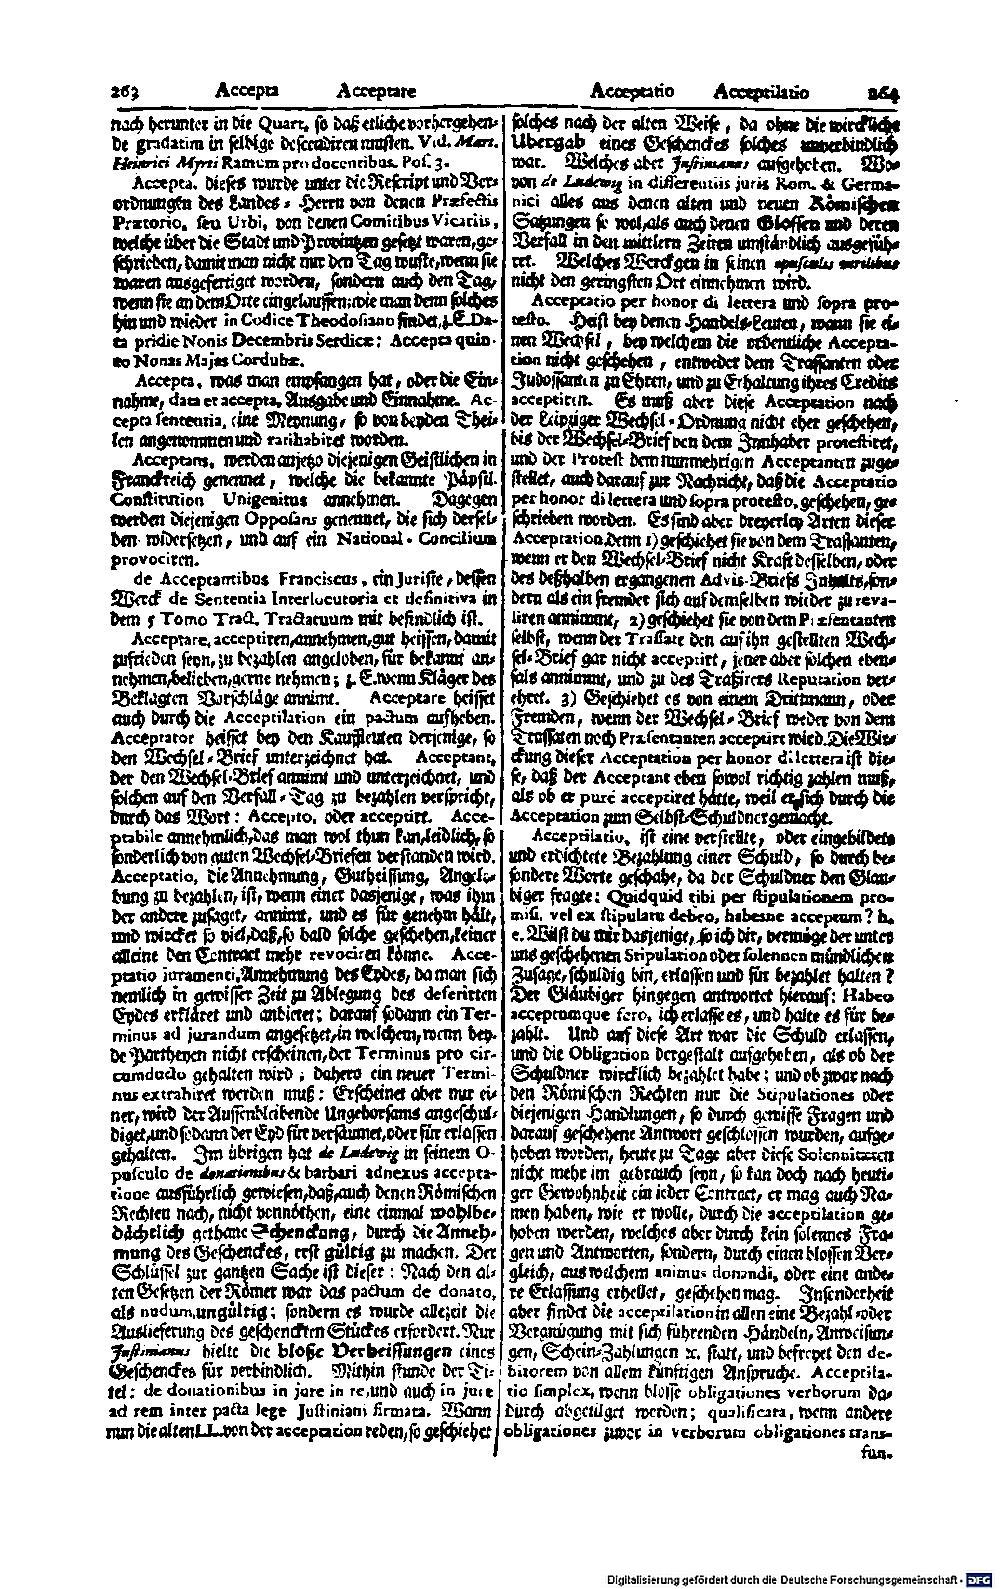 Bd. 01, Seite 0171.